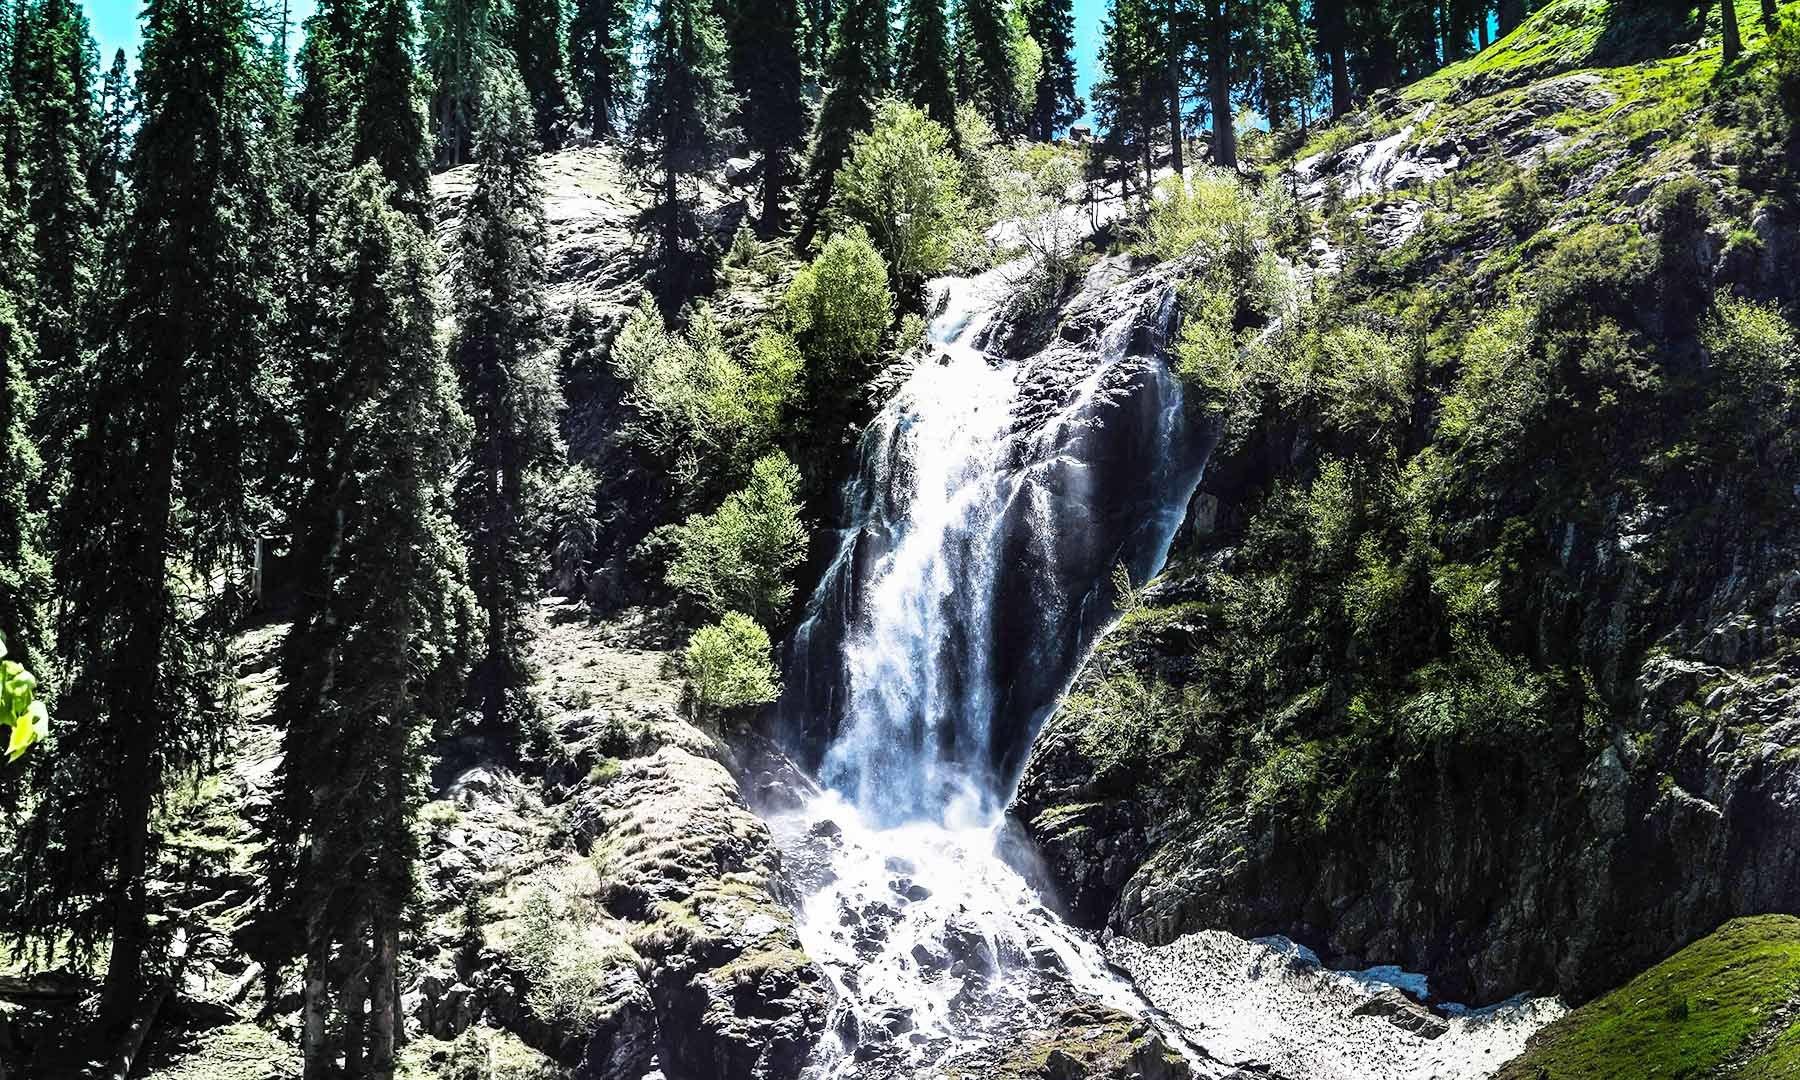 سپین خوڑ آبشار کا دلفریب منظر — تصویر امجد علی سحاب